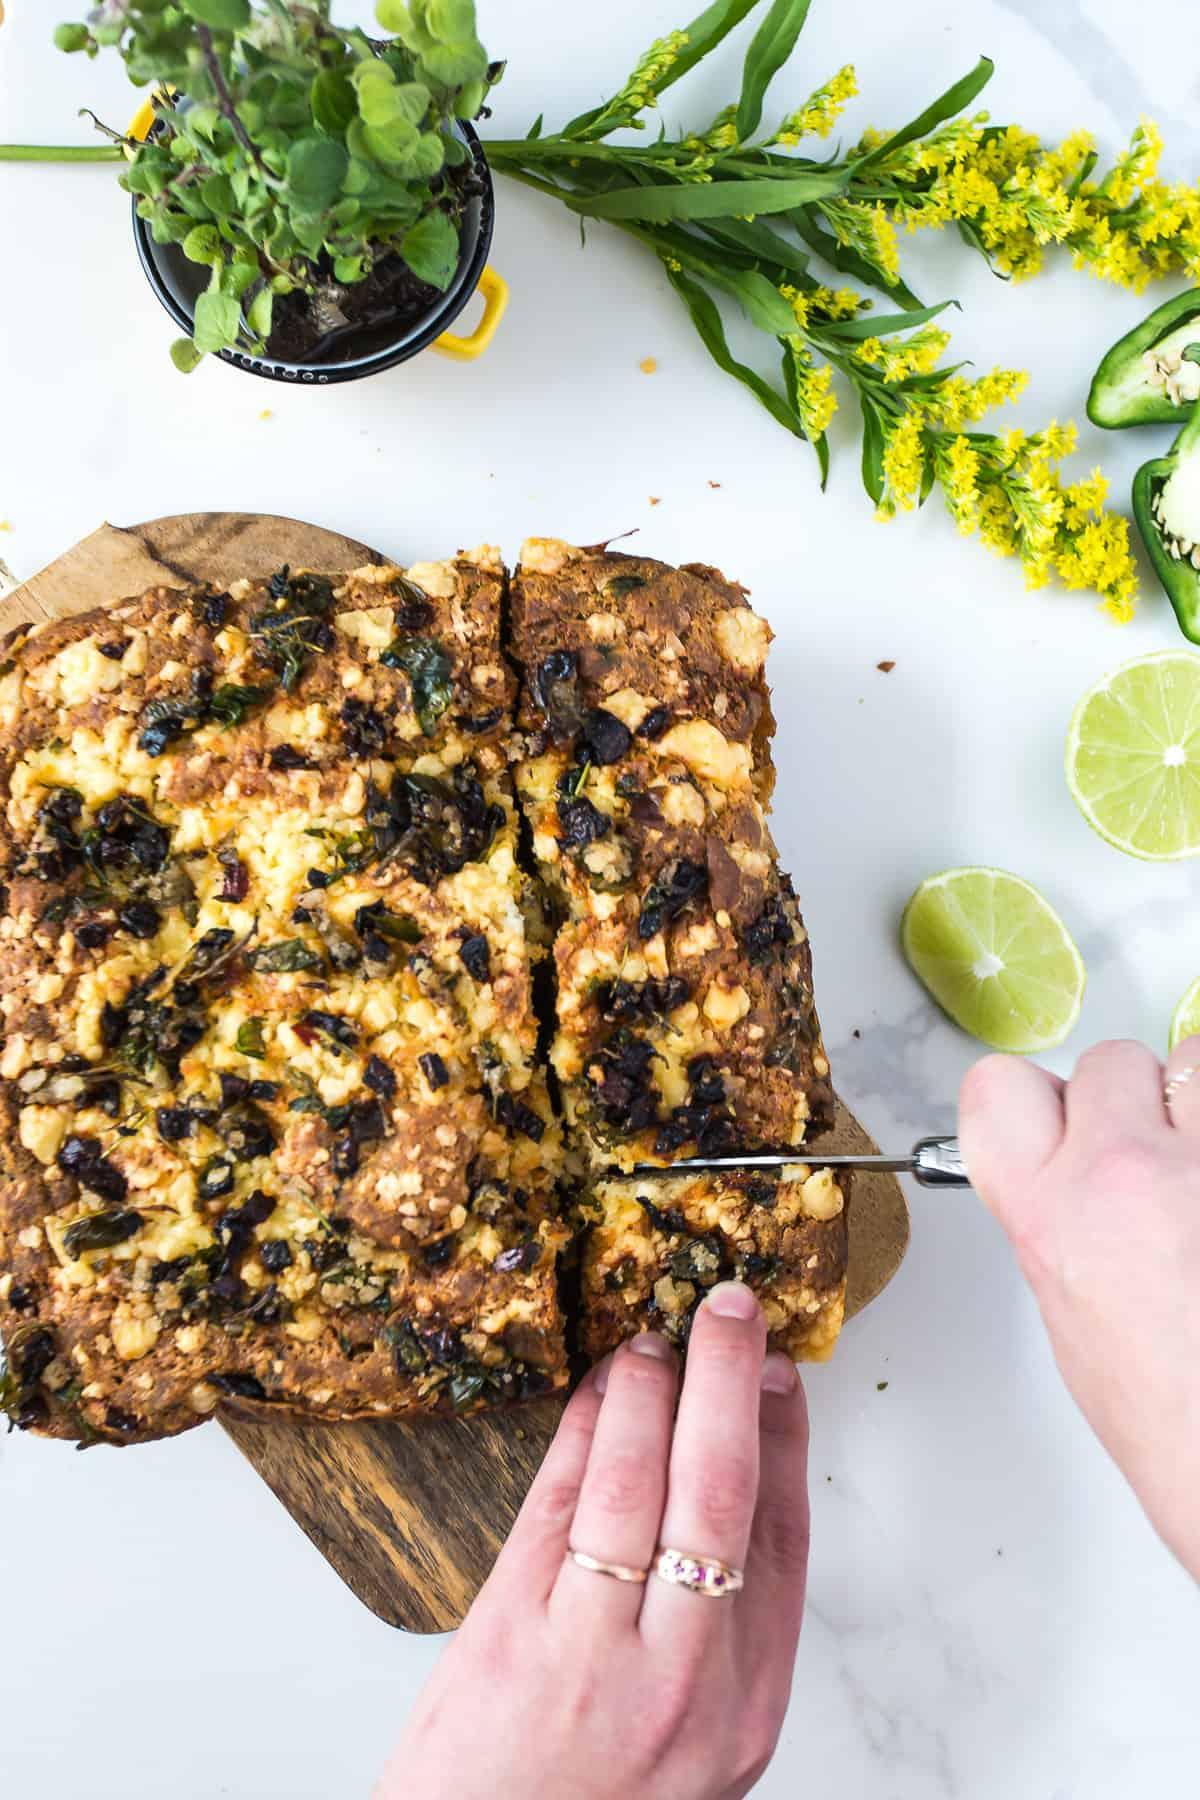 нарязване на парче сирене от чили царевичен хляб